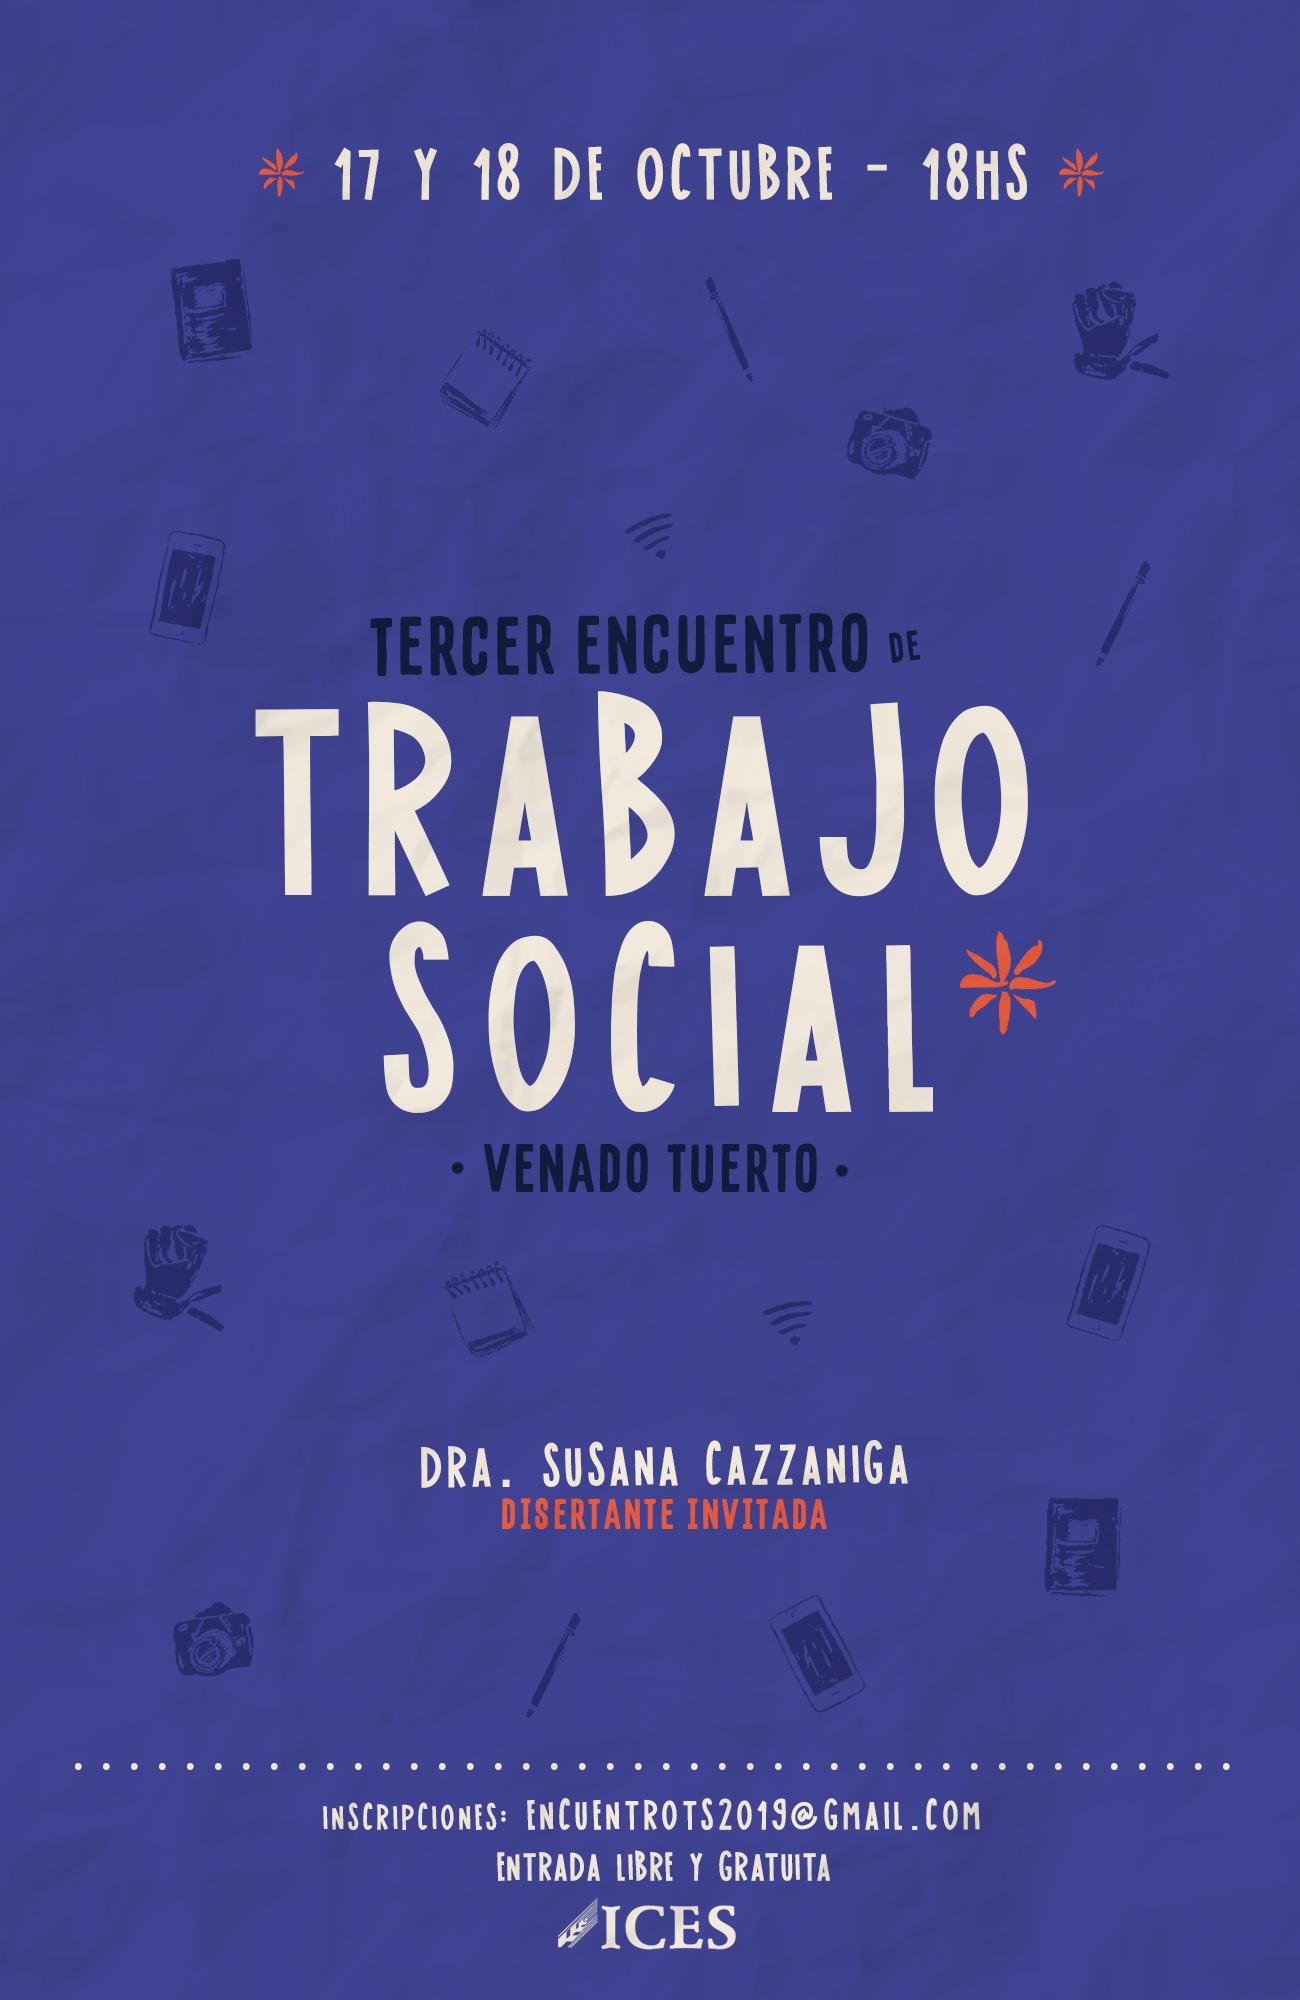 III Encuentro de Trabajo Social en Venado Tuerto